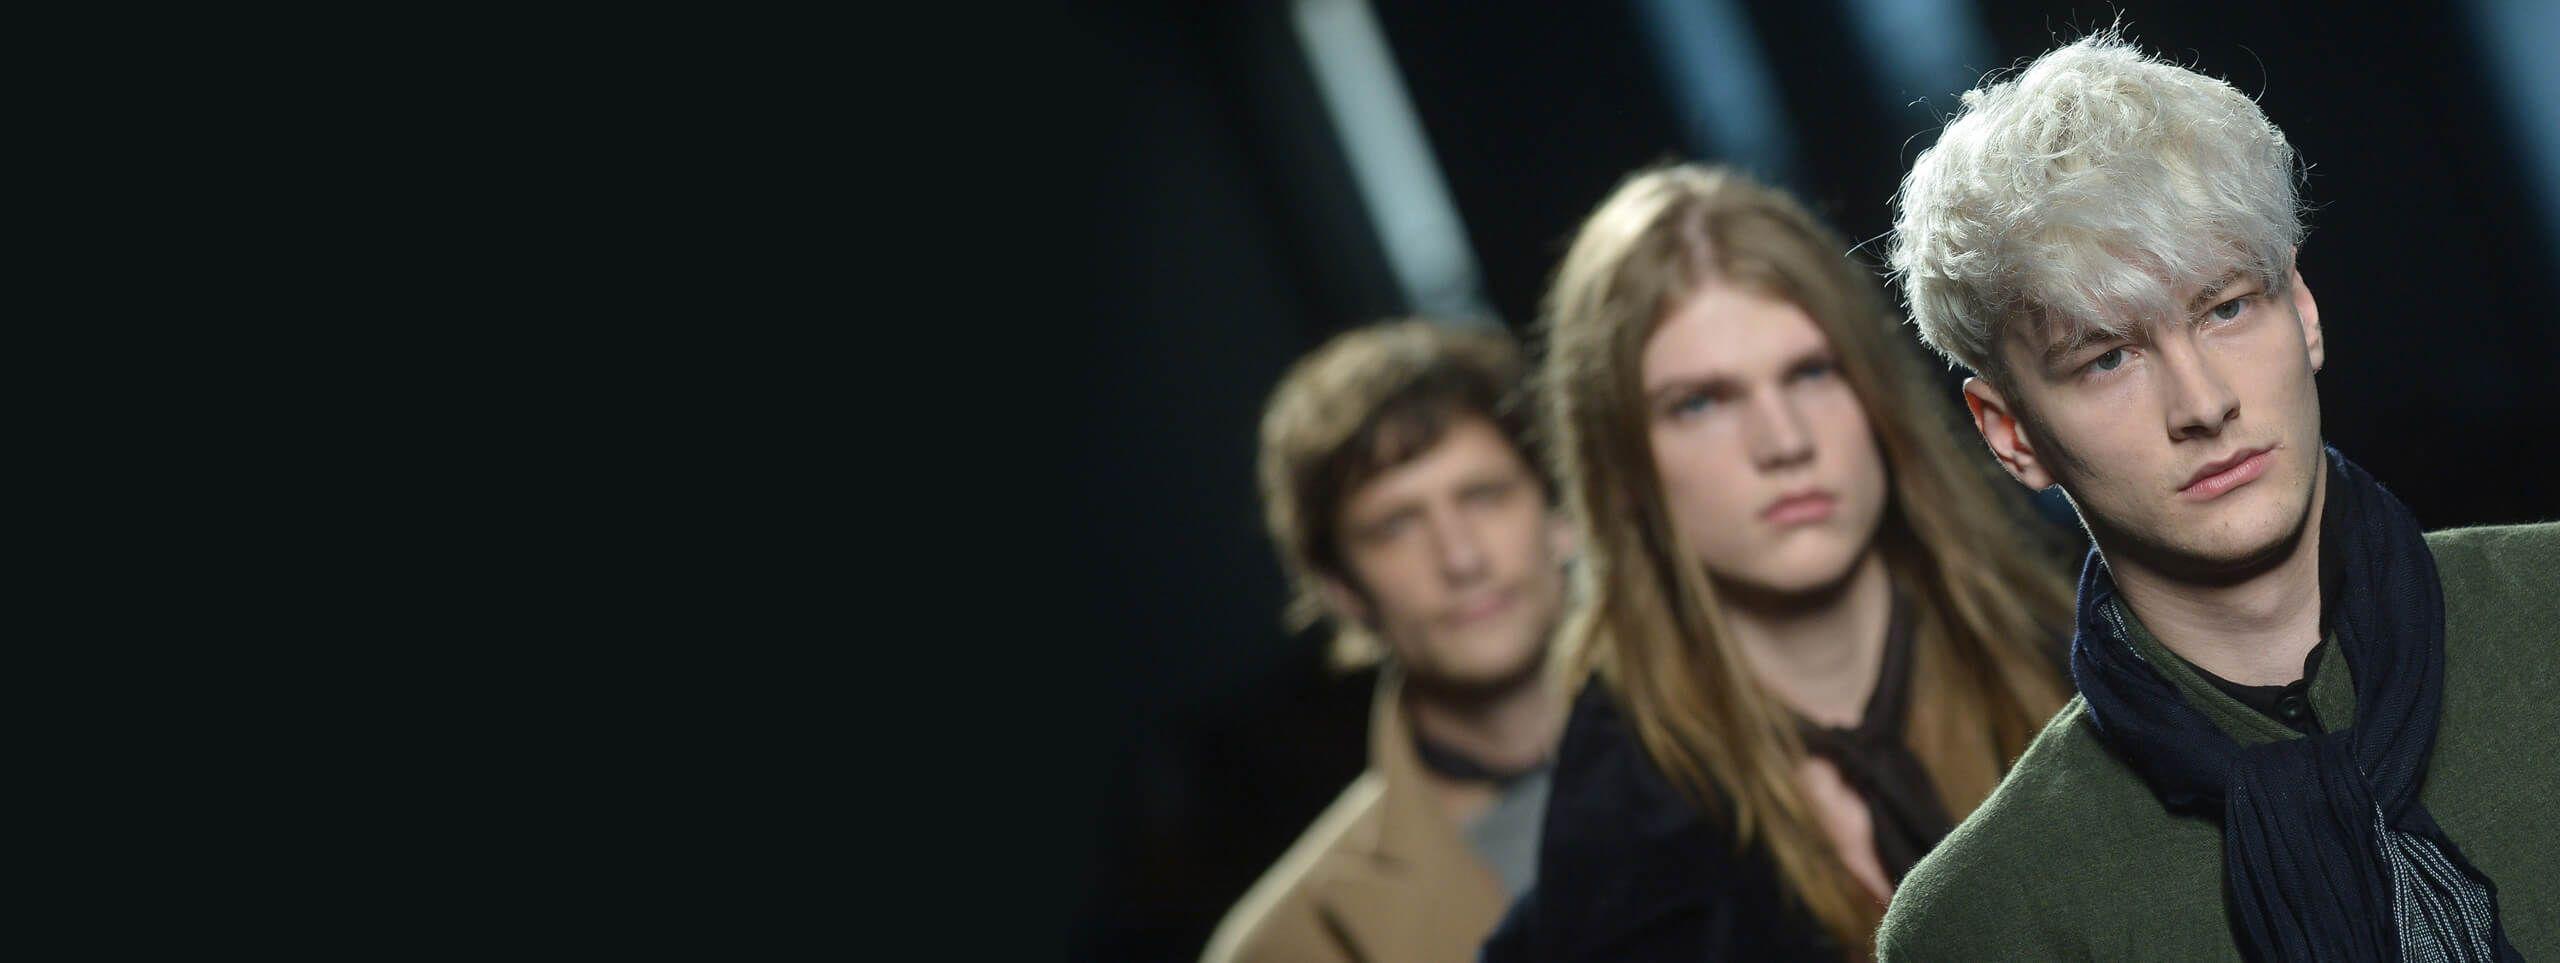 Modele na wybiegu z blond i brązowymi włosami